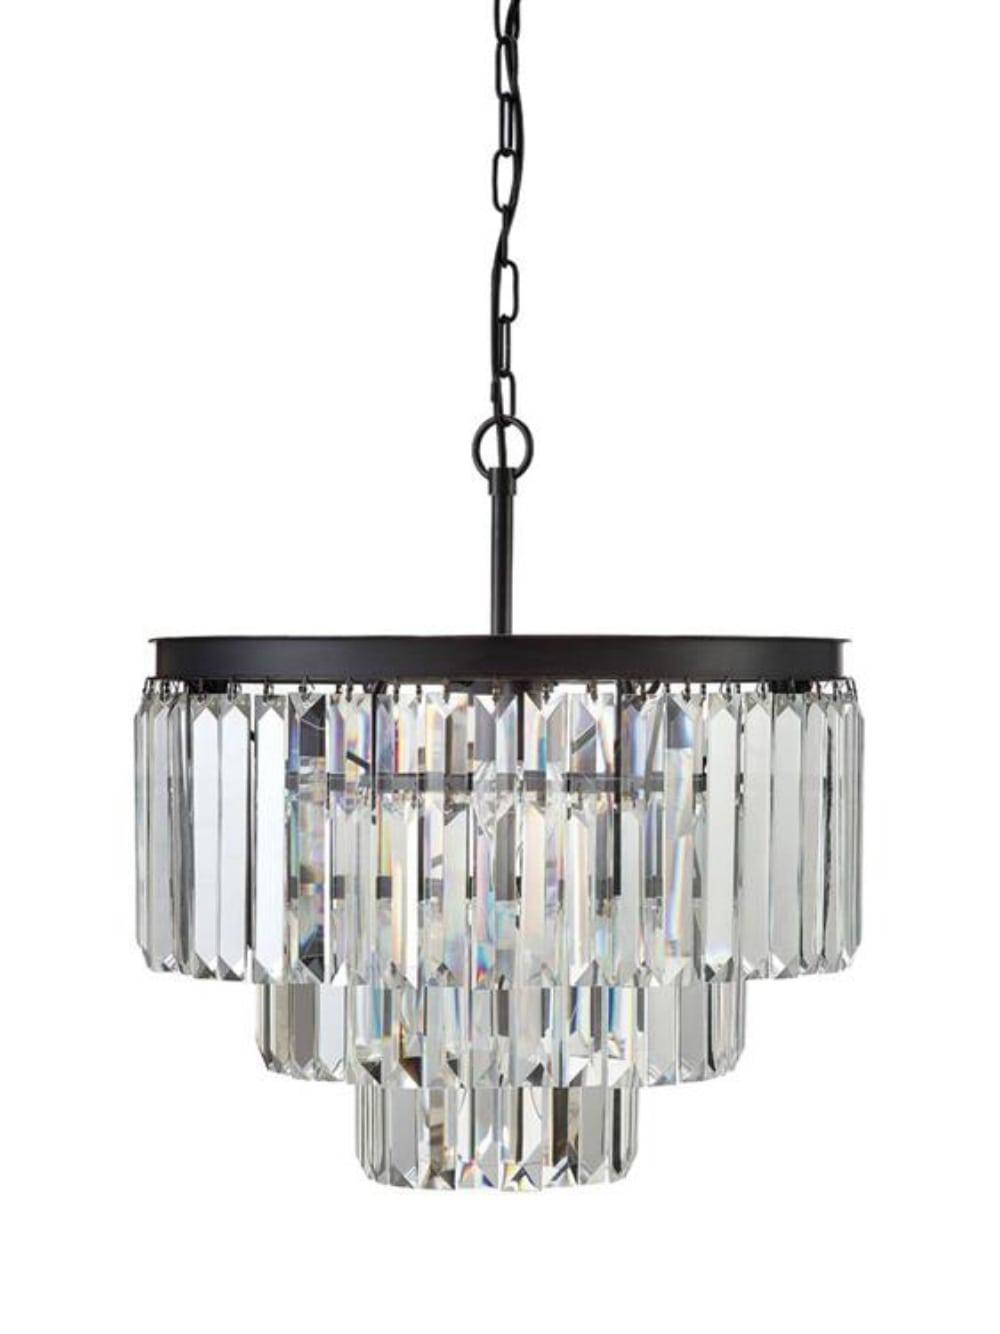 antique mount prism justina black flush in glass chandelier crystal pin